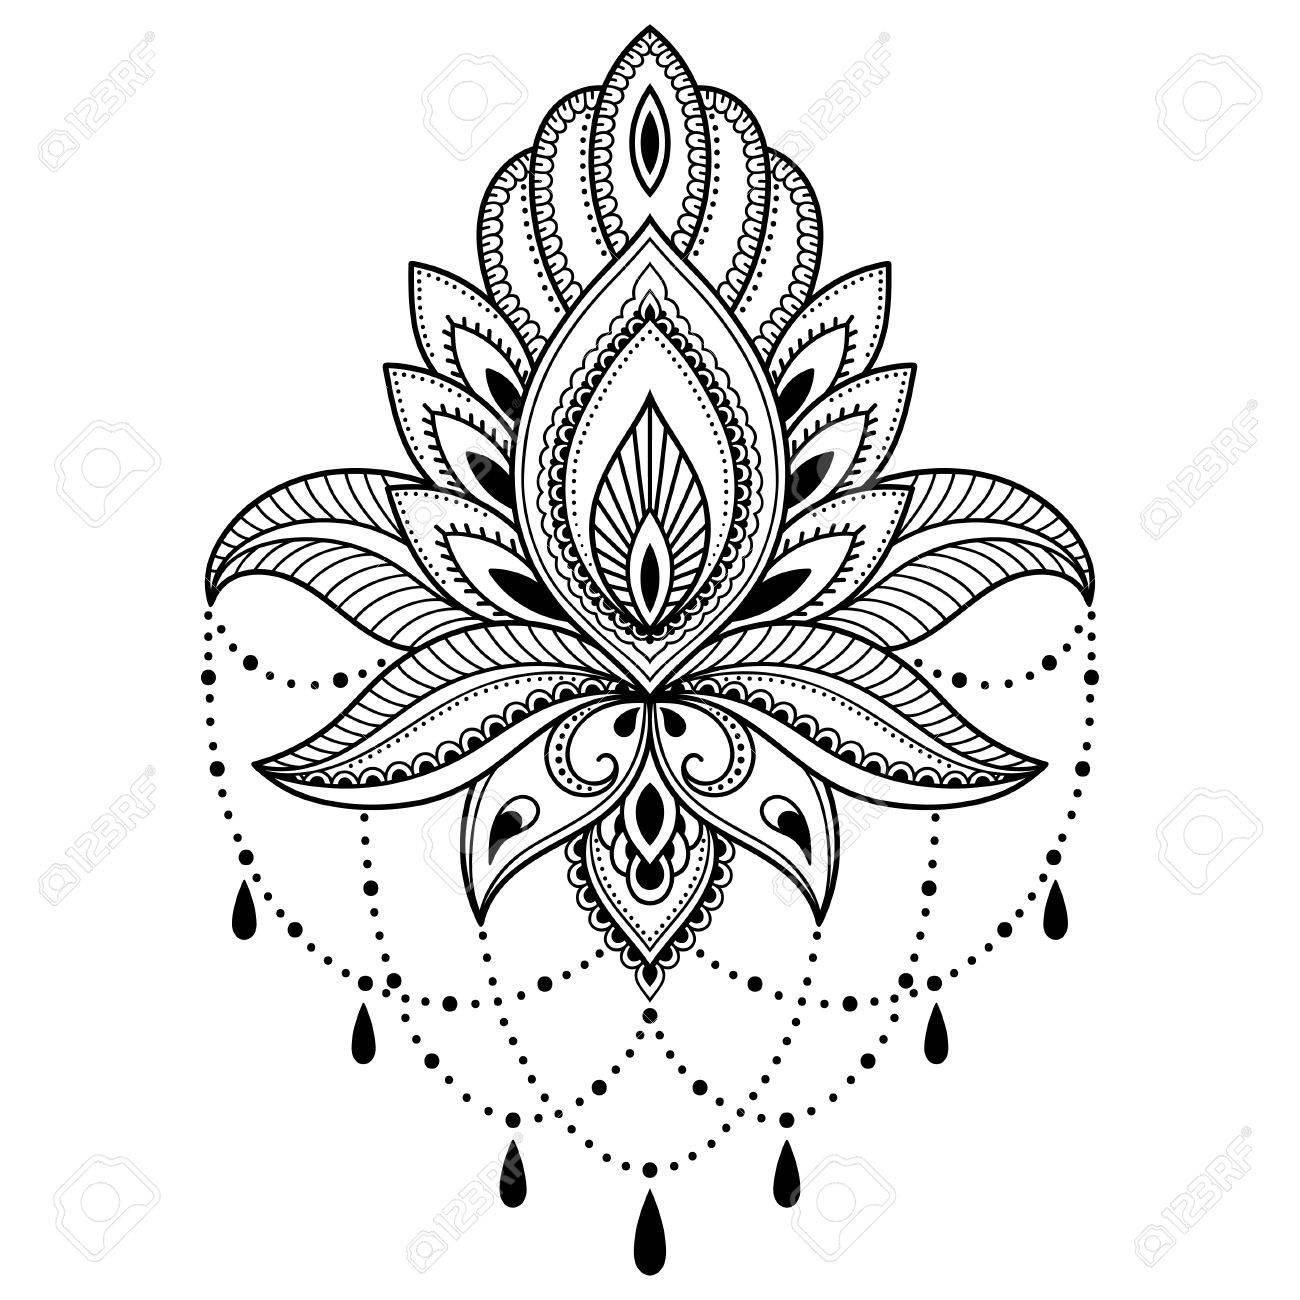 インド風のヘナタトゥー花テンプレート エスニック花柄ペイズリー